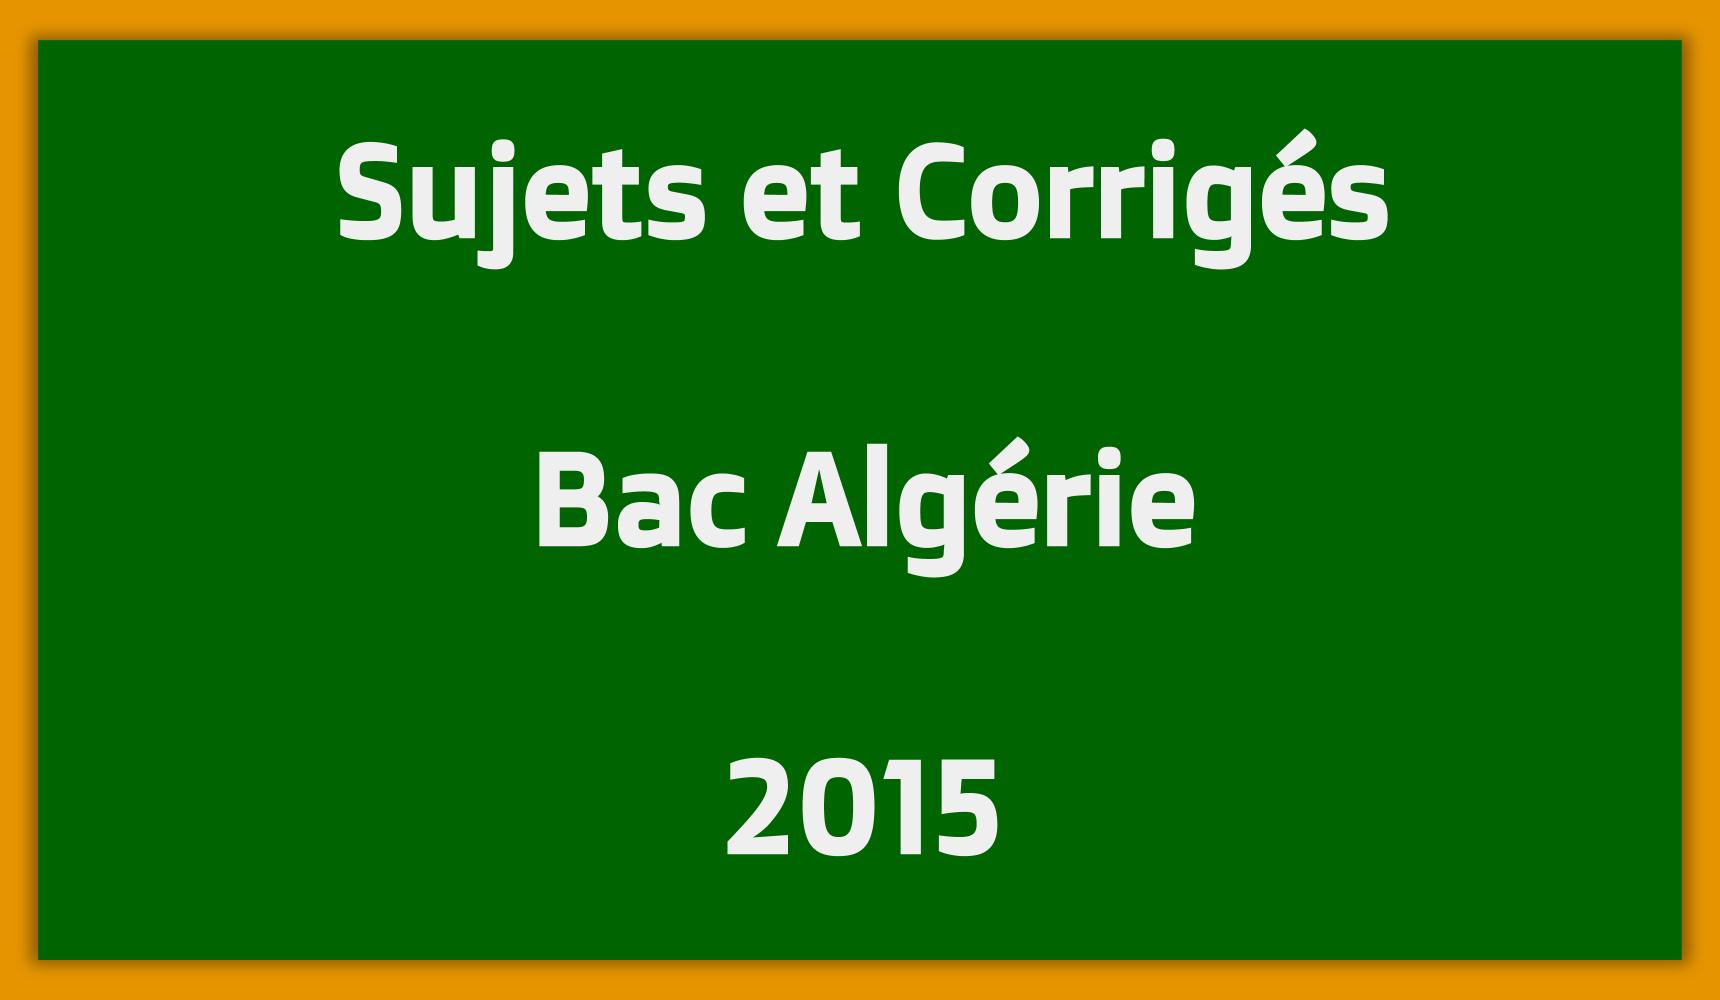 Sujets Corrigés Bac Algérie 2015